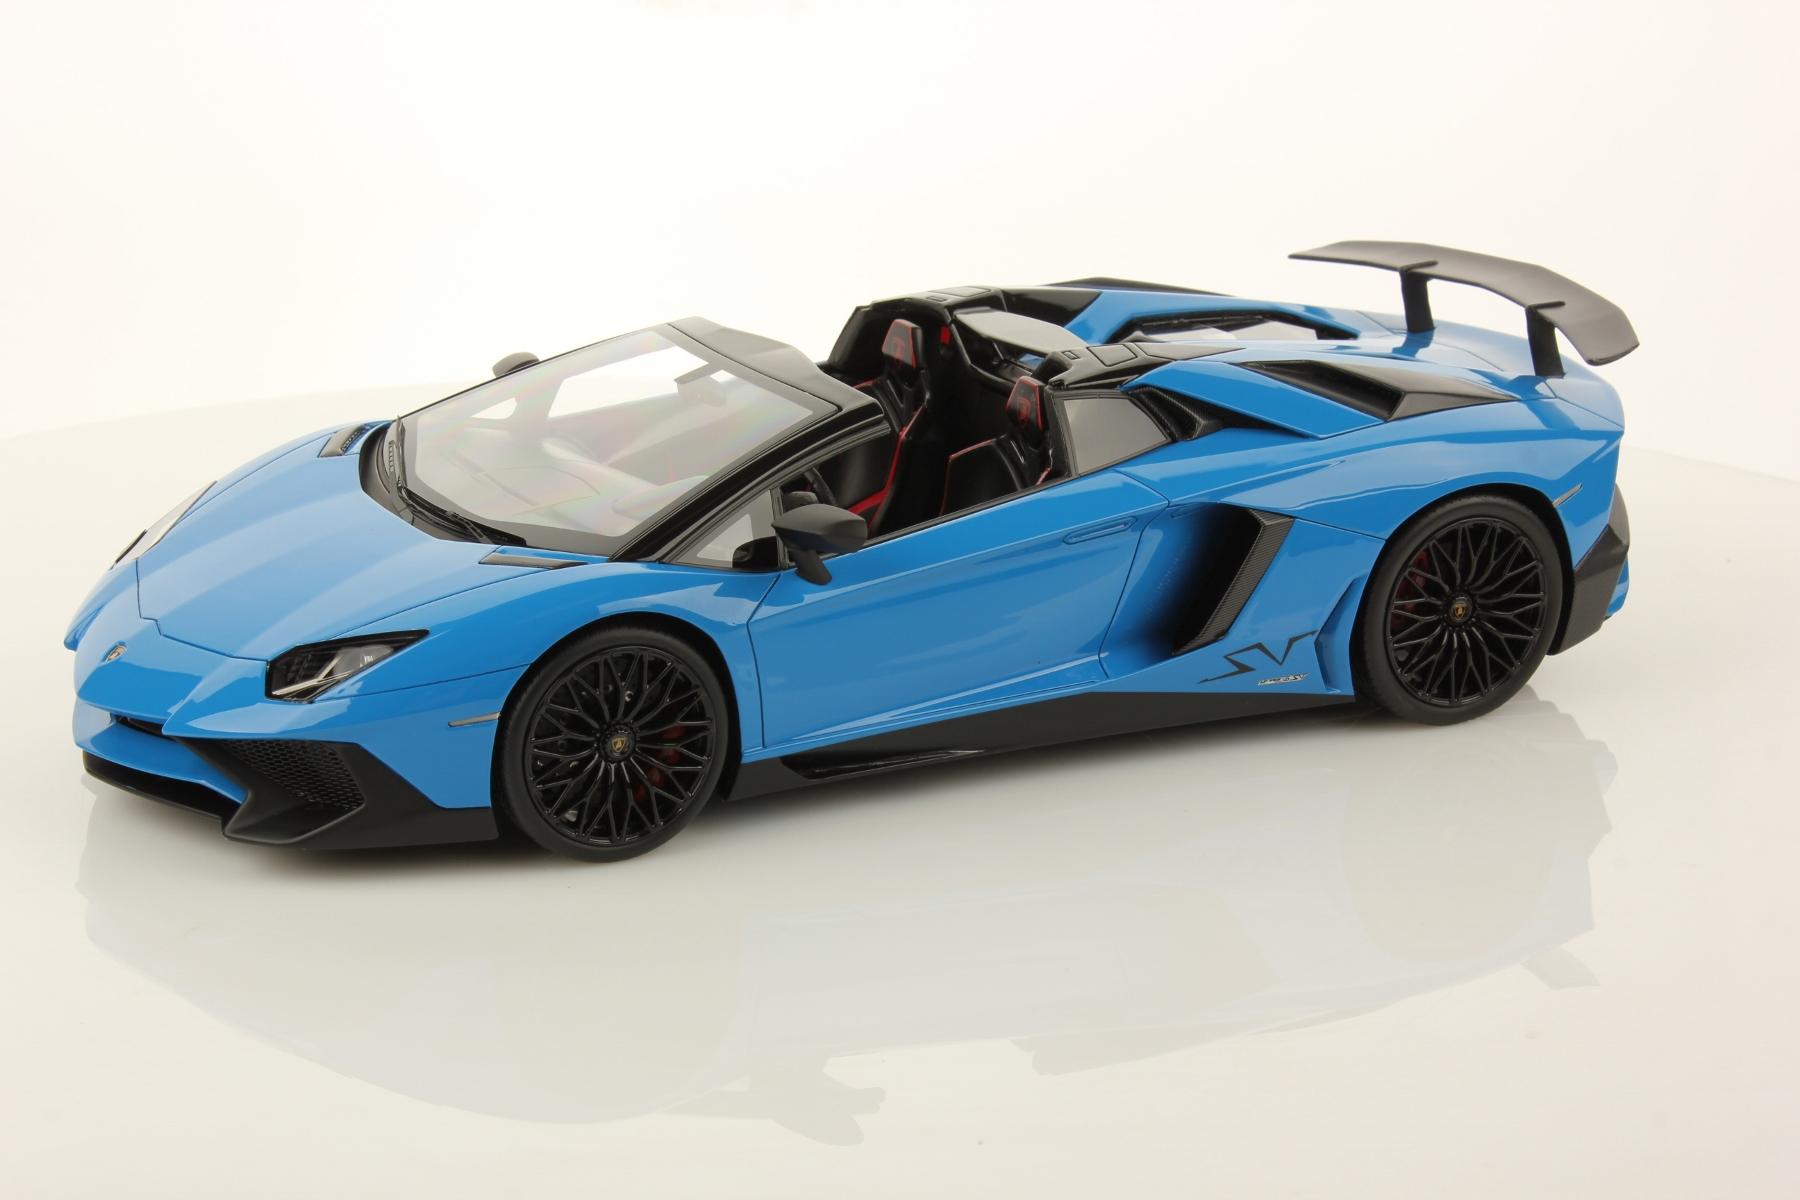 Lamborghini Aventador Lp 750 4 Superveloce Roadster By Mr